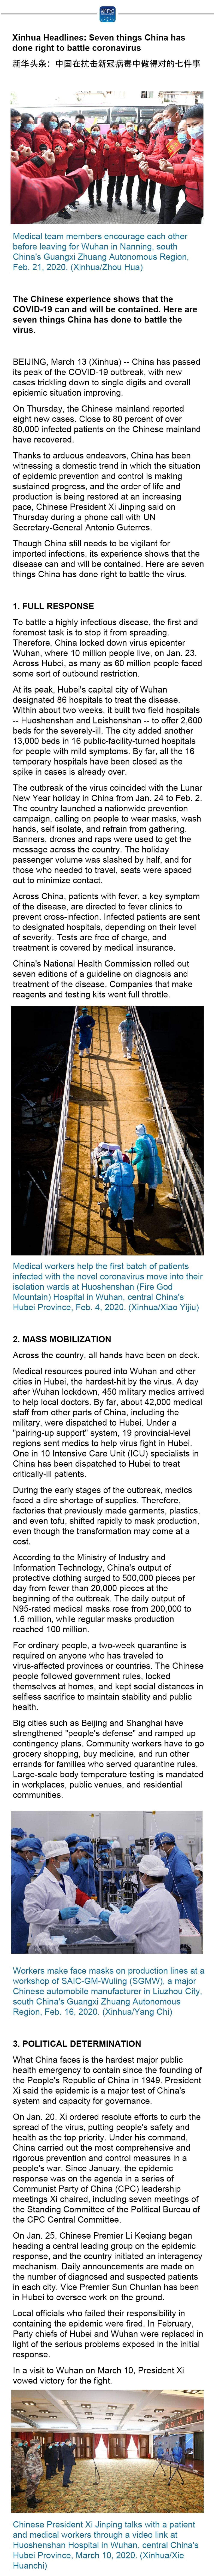 Xinhua Headlines: Seven things China has done right to battle coronavirus